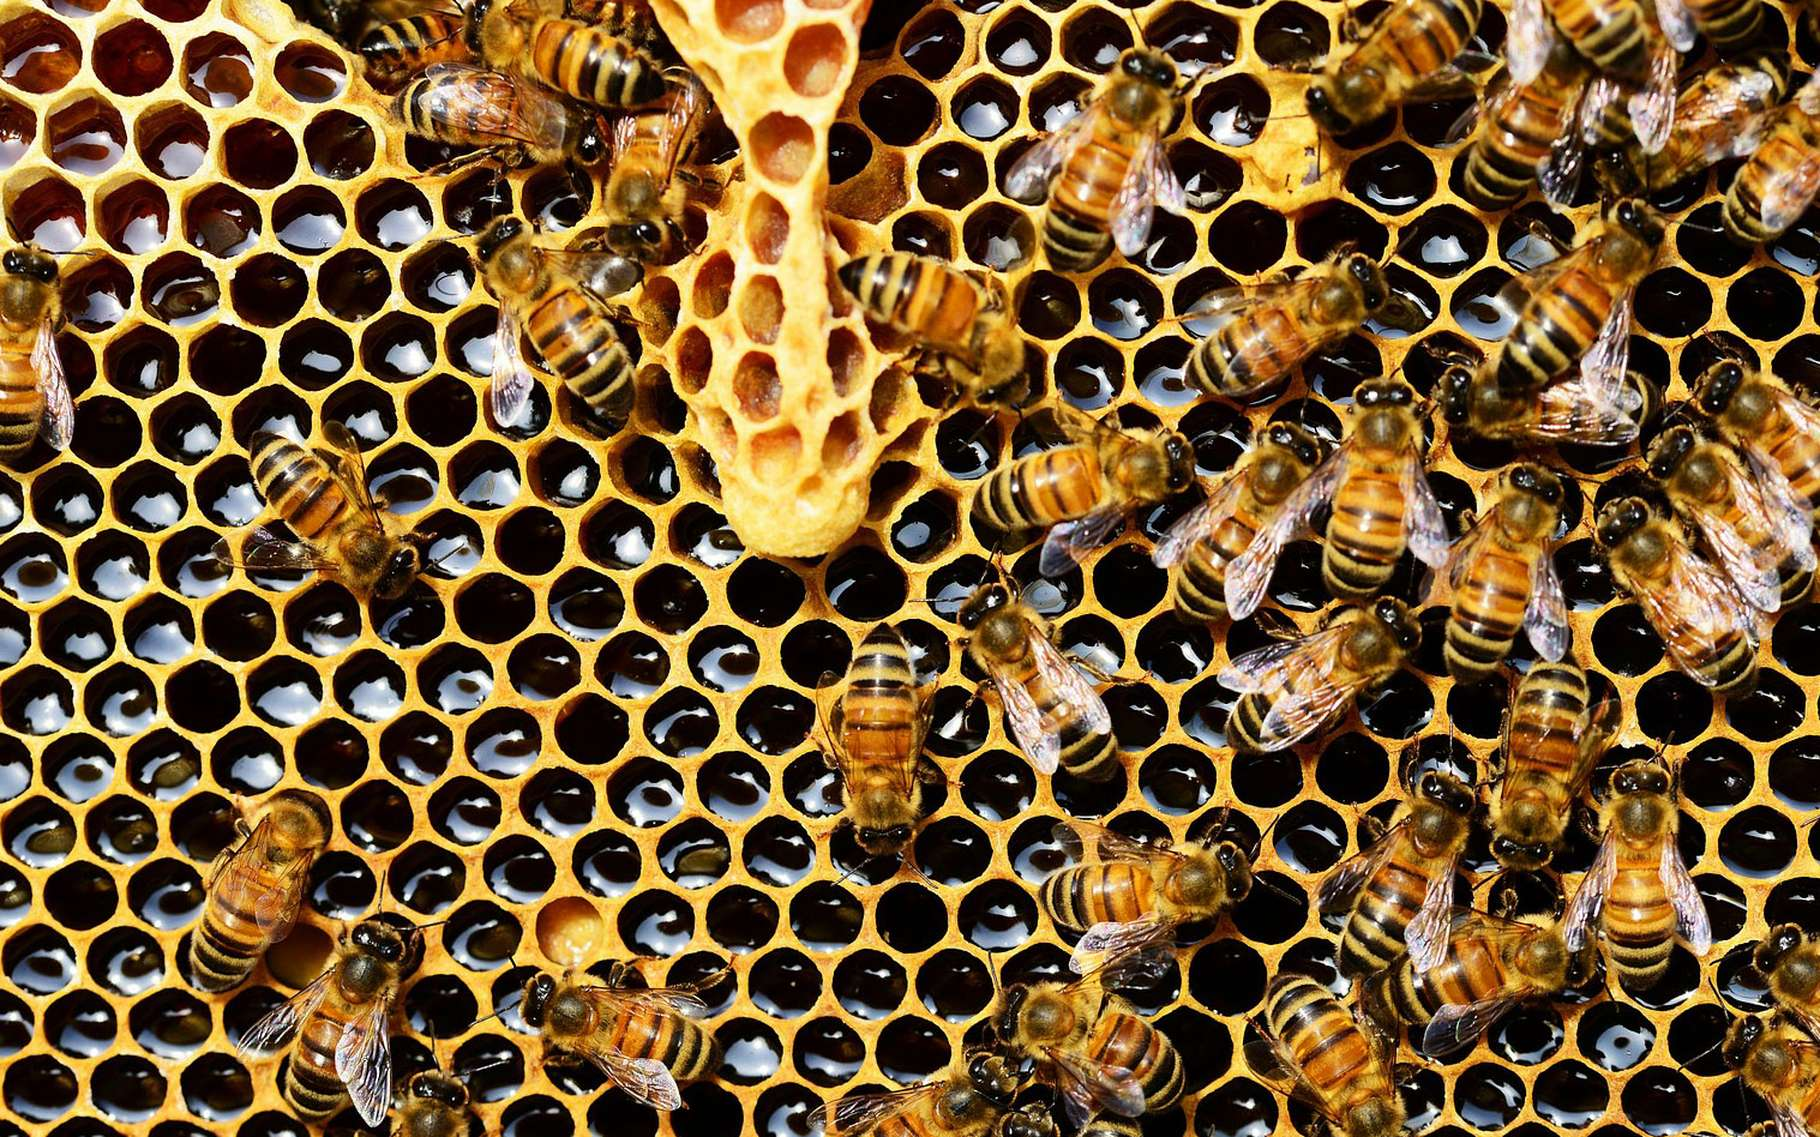 Les alvéoles d'une ruche.© PollyDot, Pixabay, DP